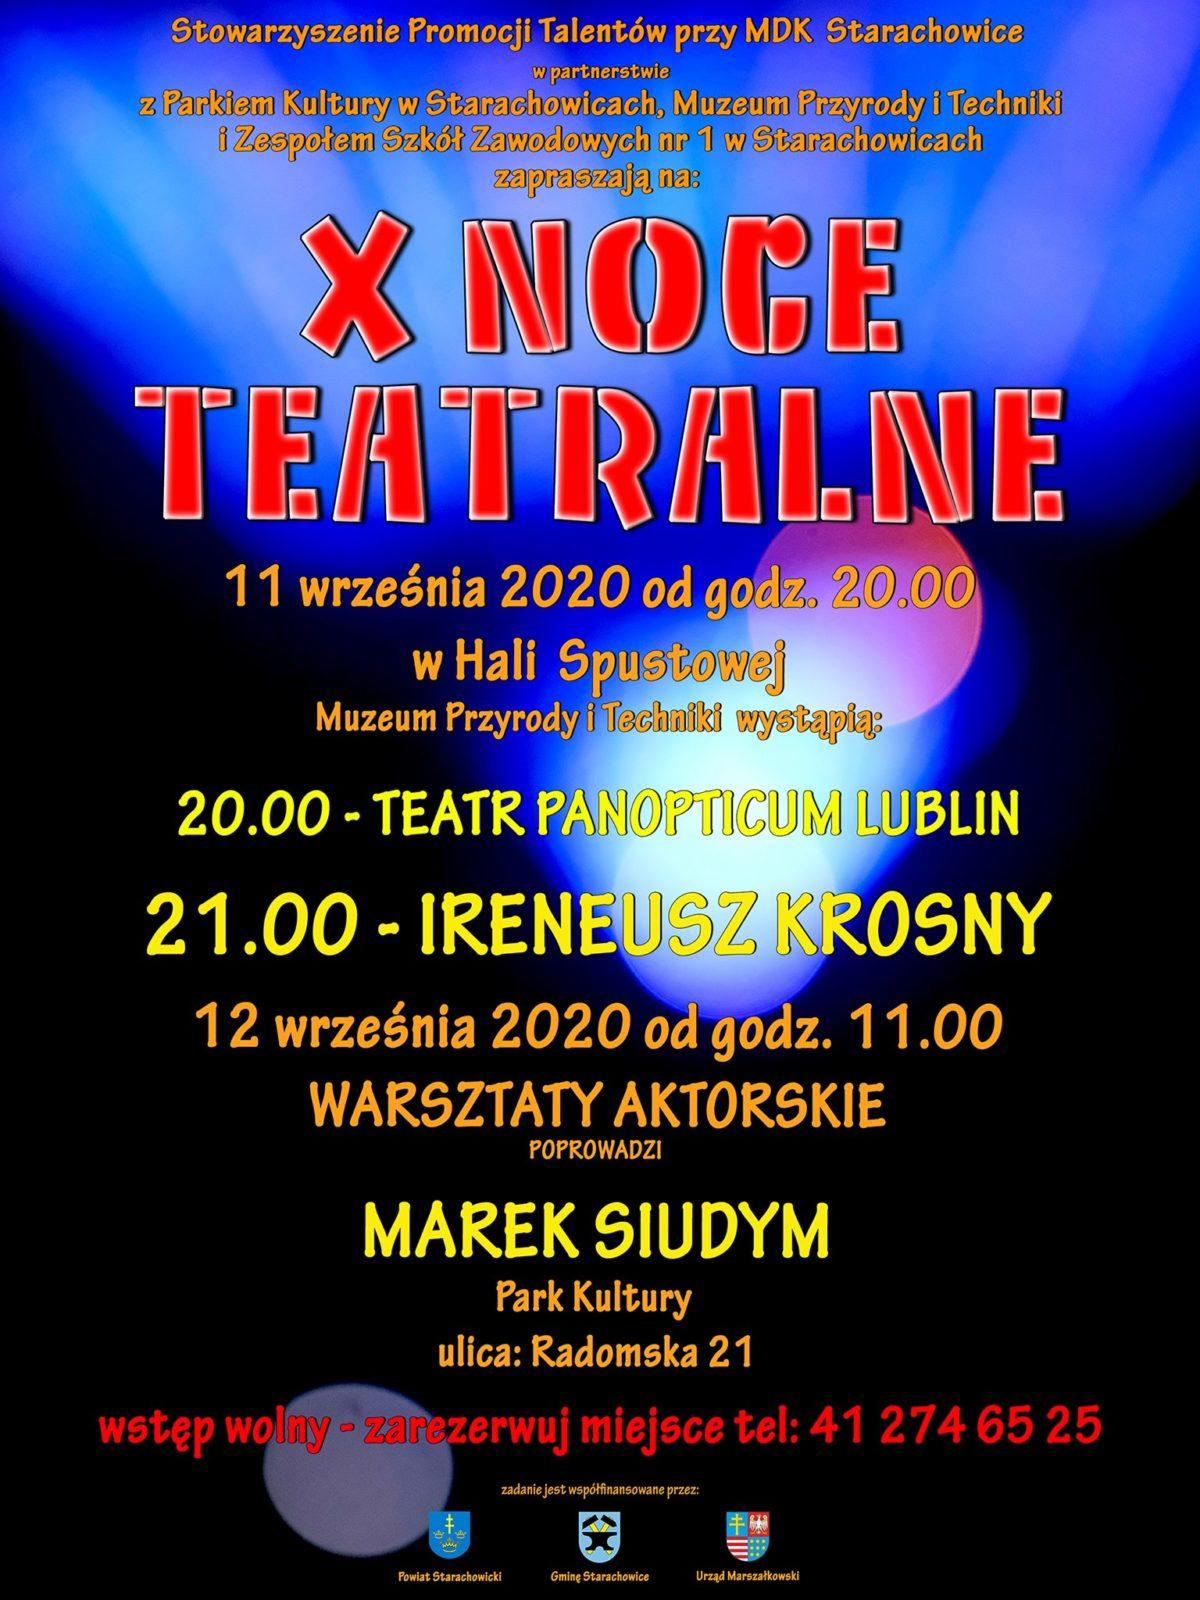 X Noce Teatralne